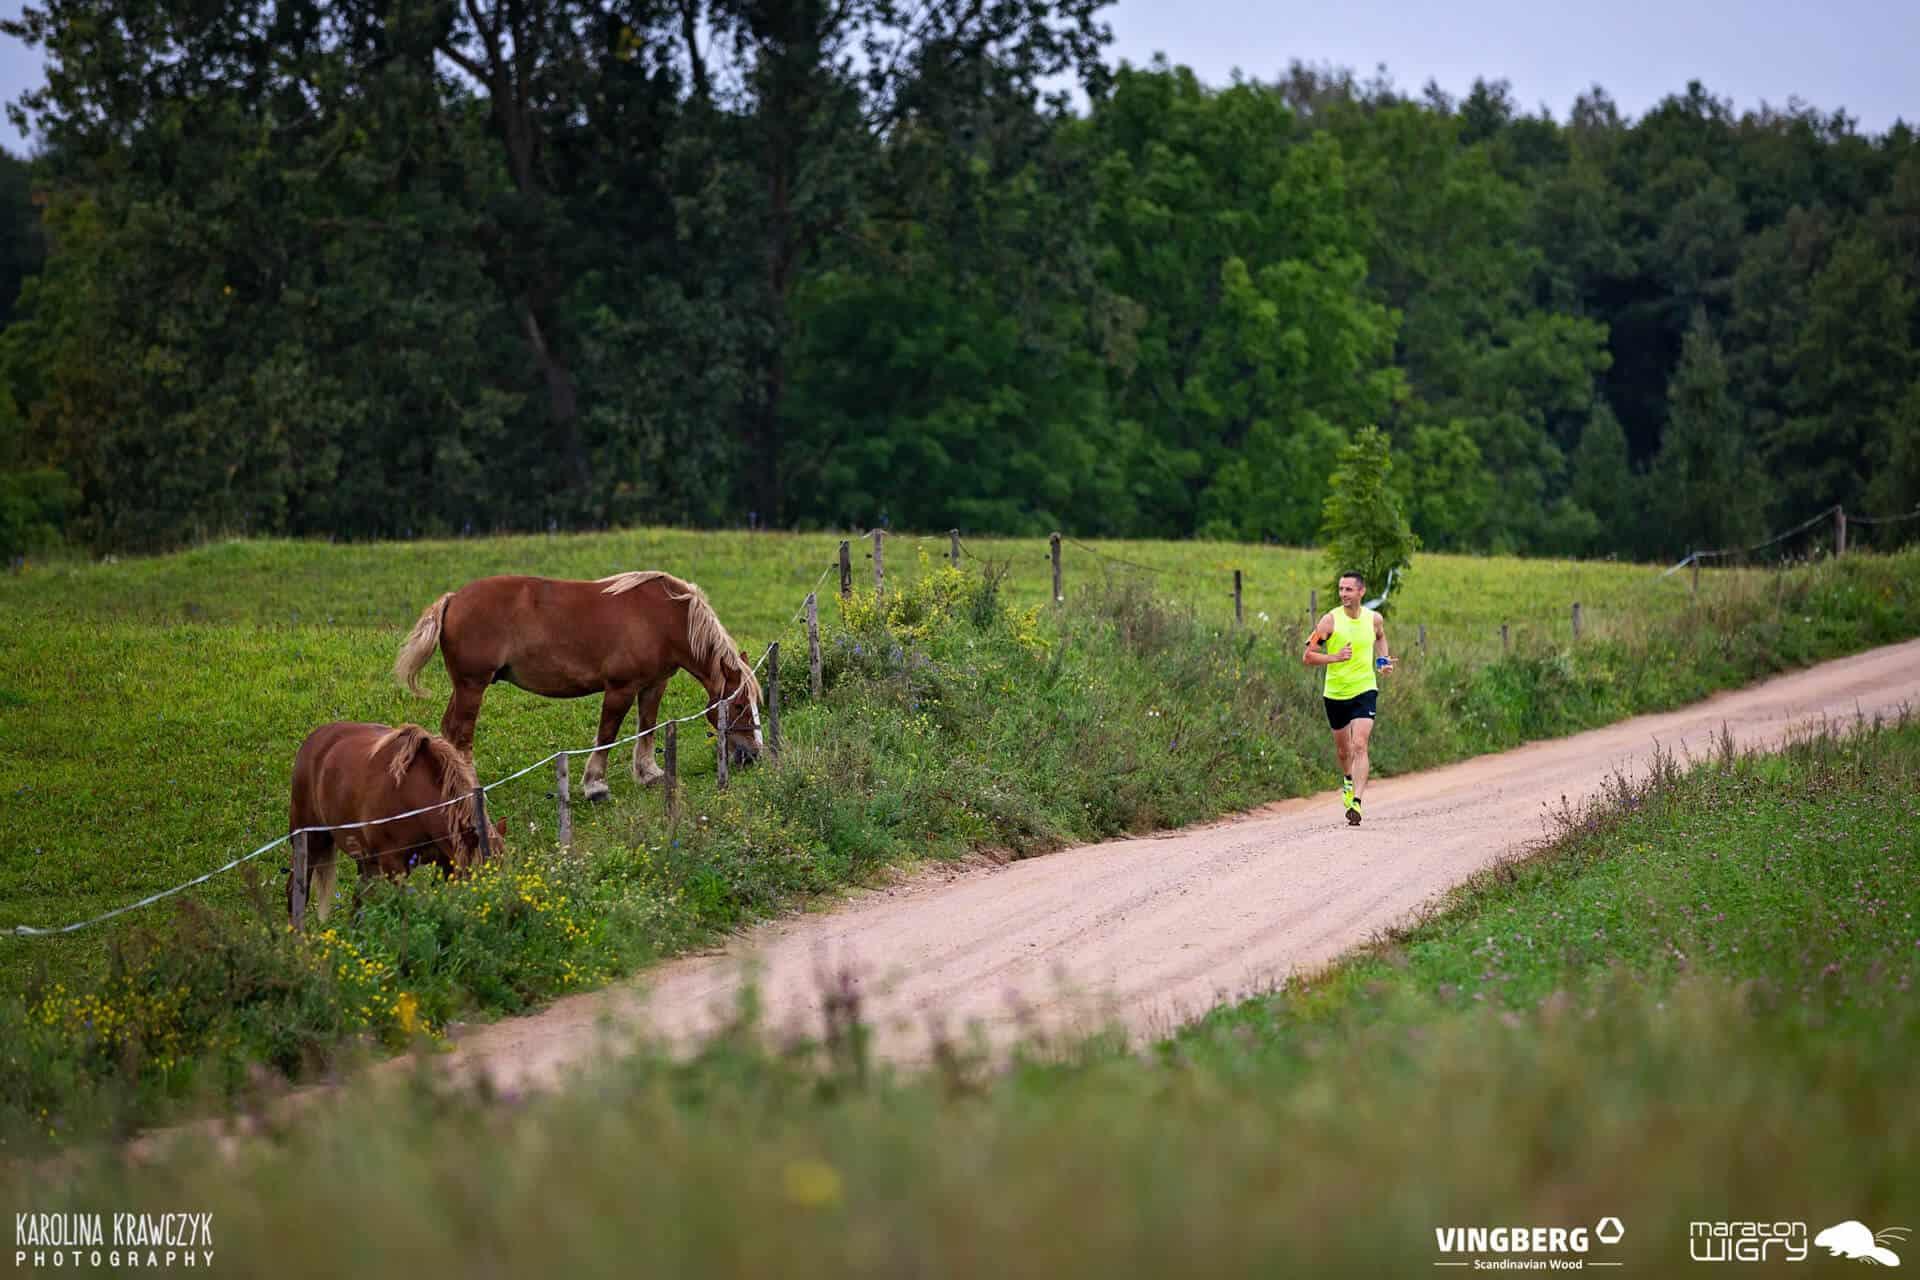 Sportowiec w trakcie maratonu, pasące się konie